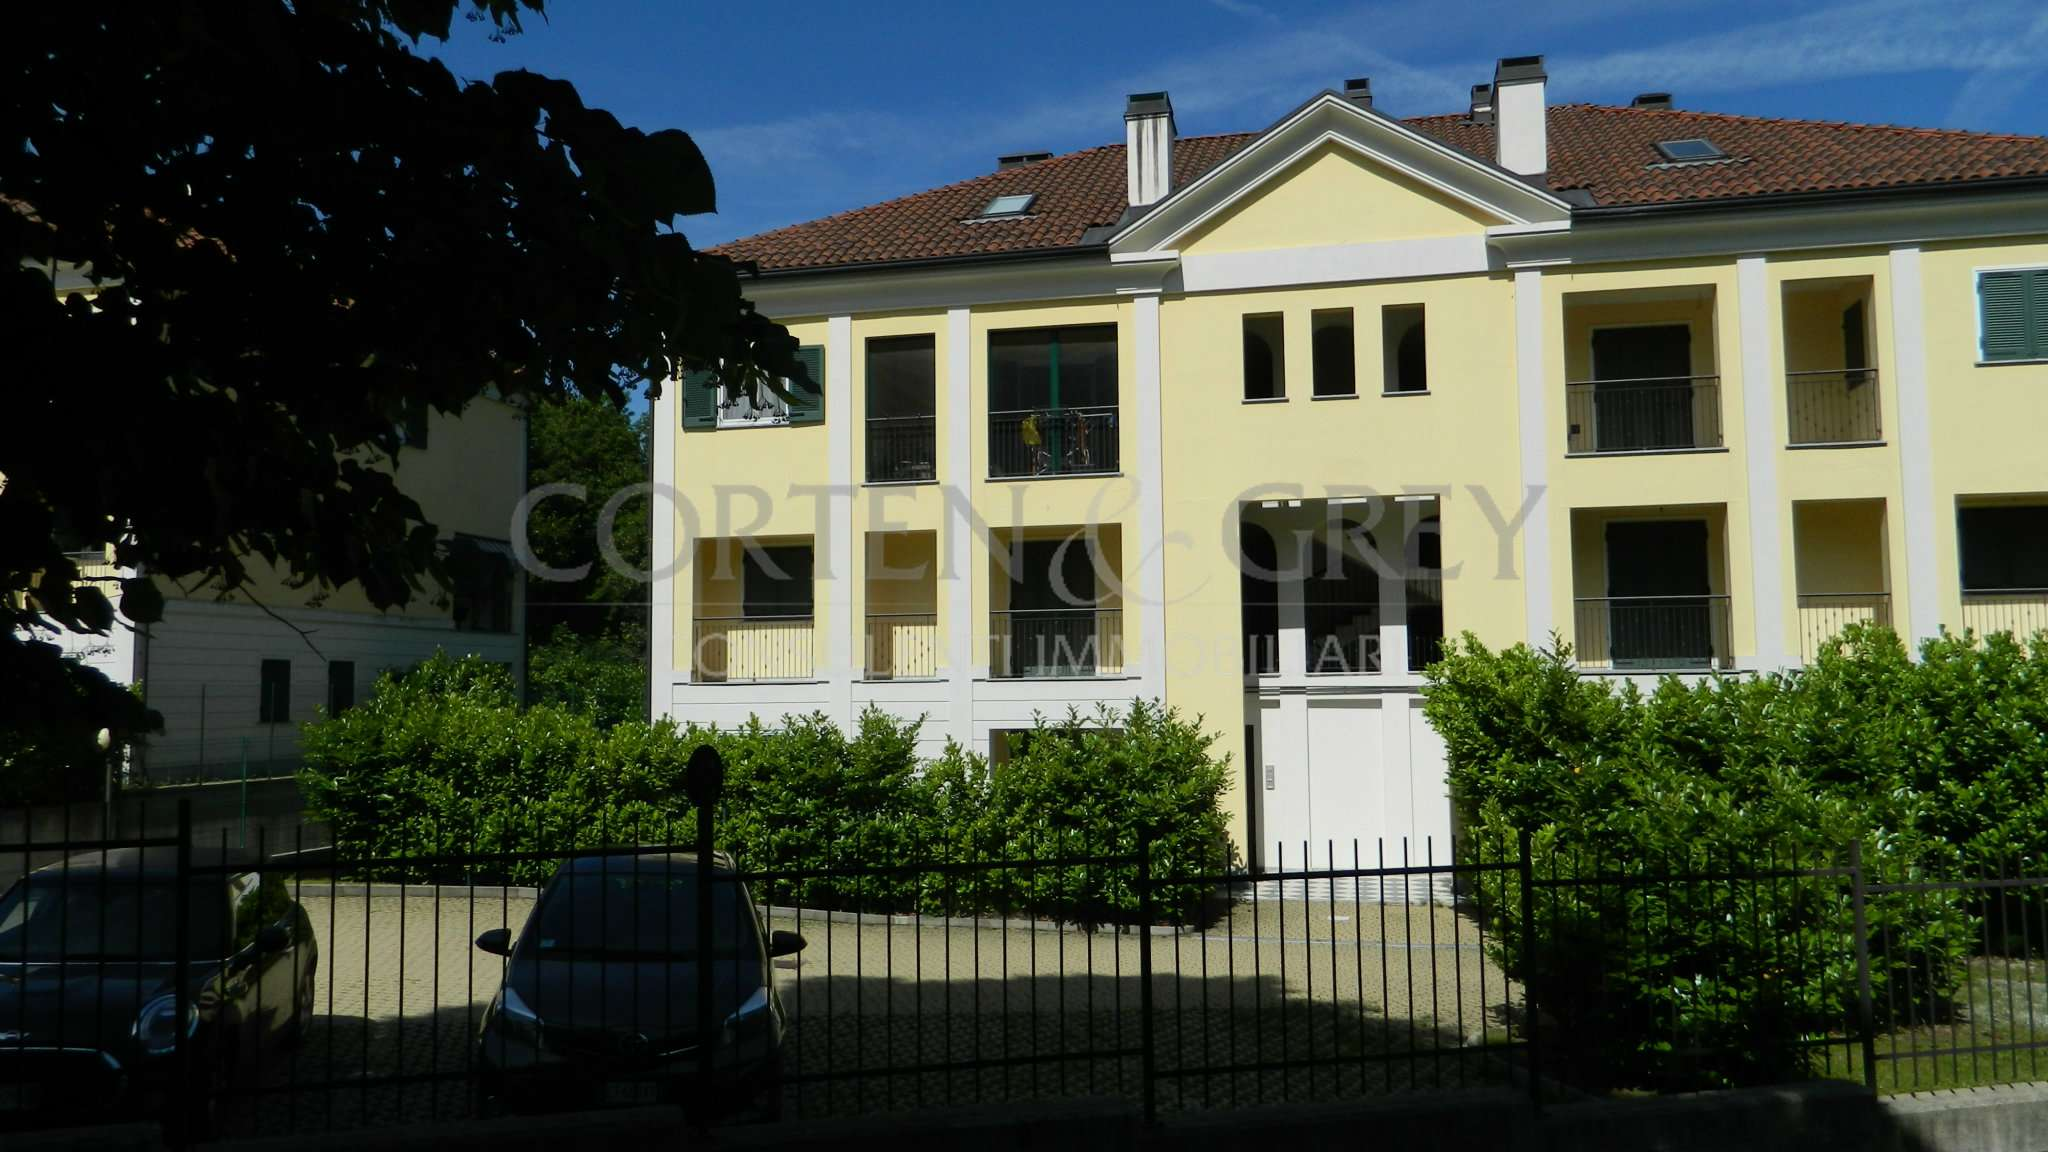 Appartamento in vendita a Gassino Torinese, 3 locali, prezzo € 135.000 | CambioCasa.it